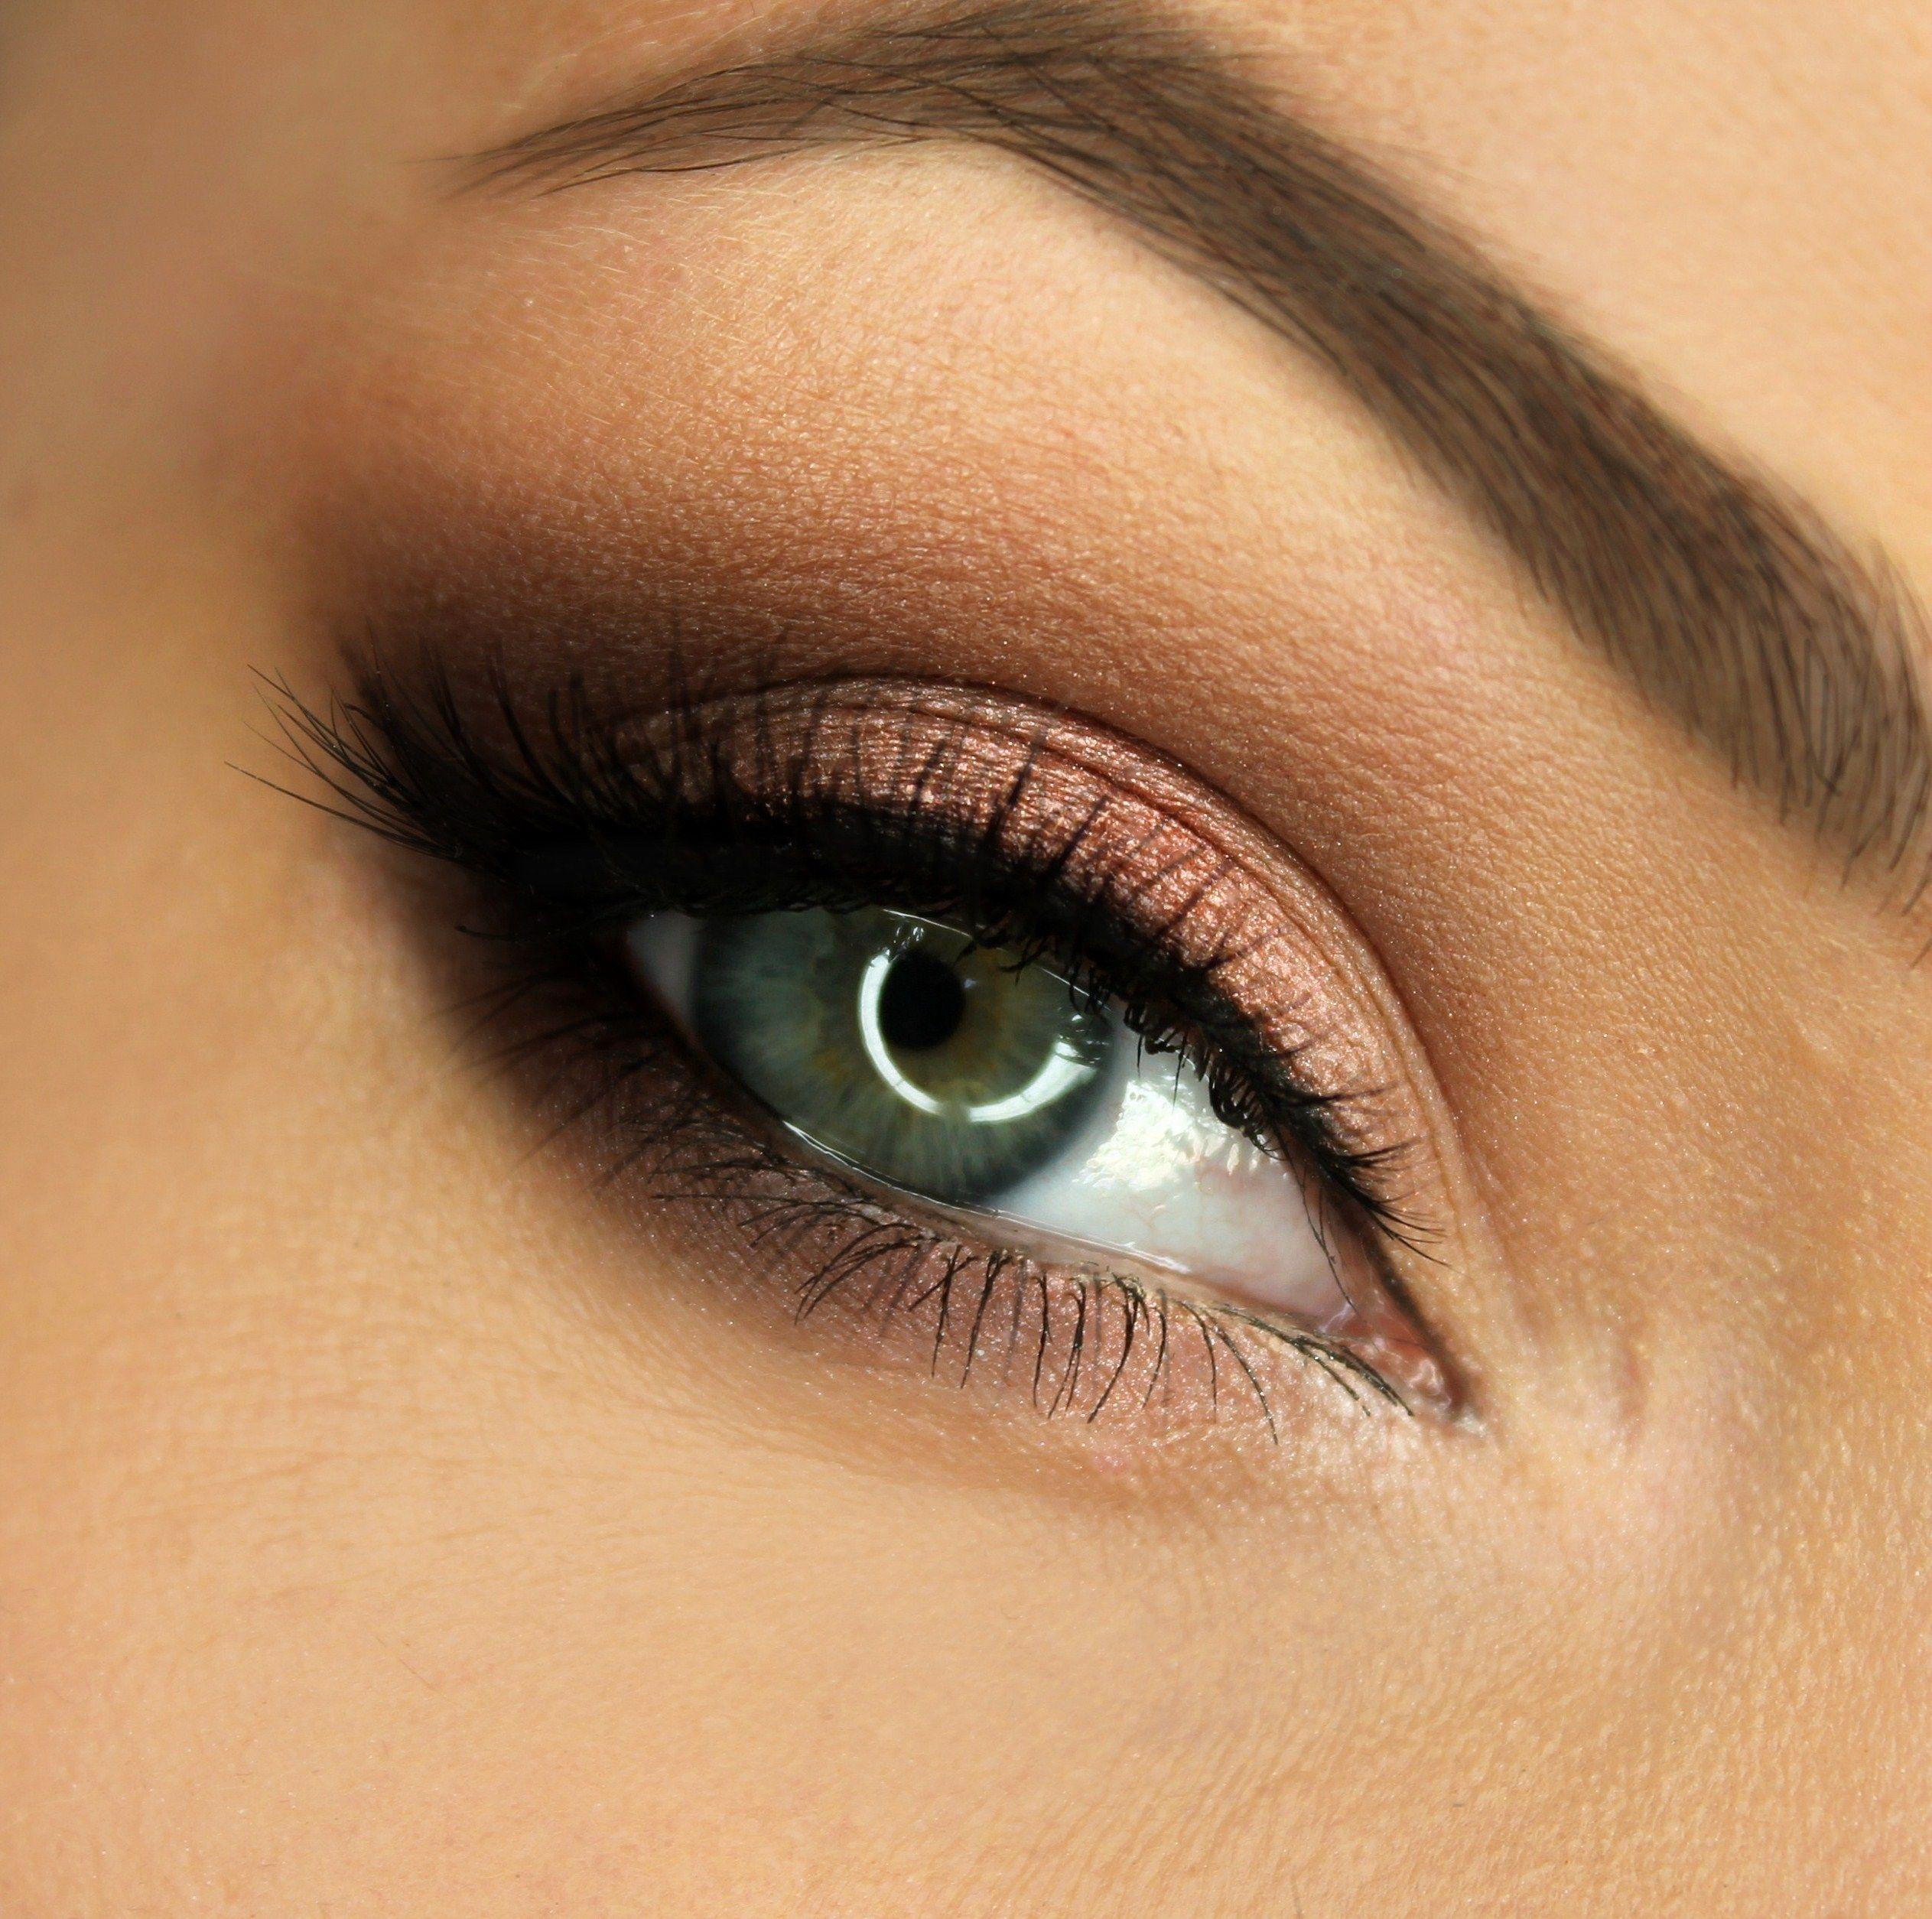 Makeup Geek Eyeshadows in Bling, Cosmopolitan, Latte